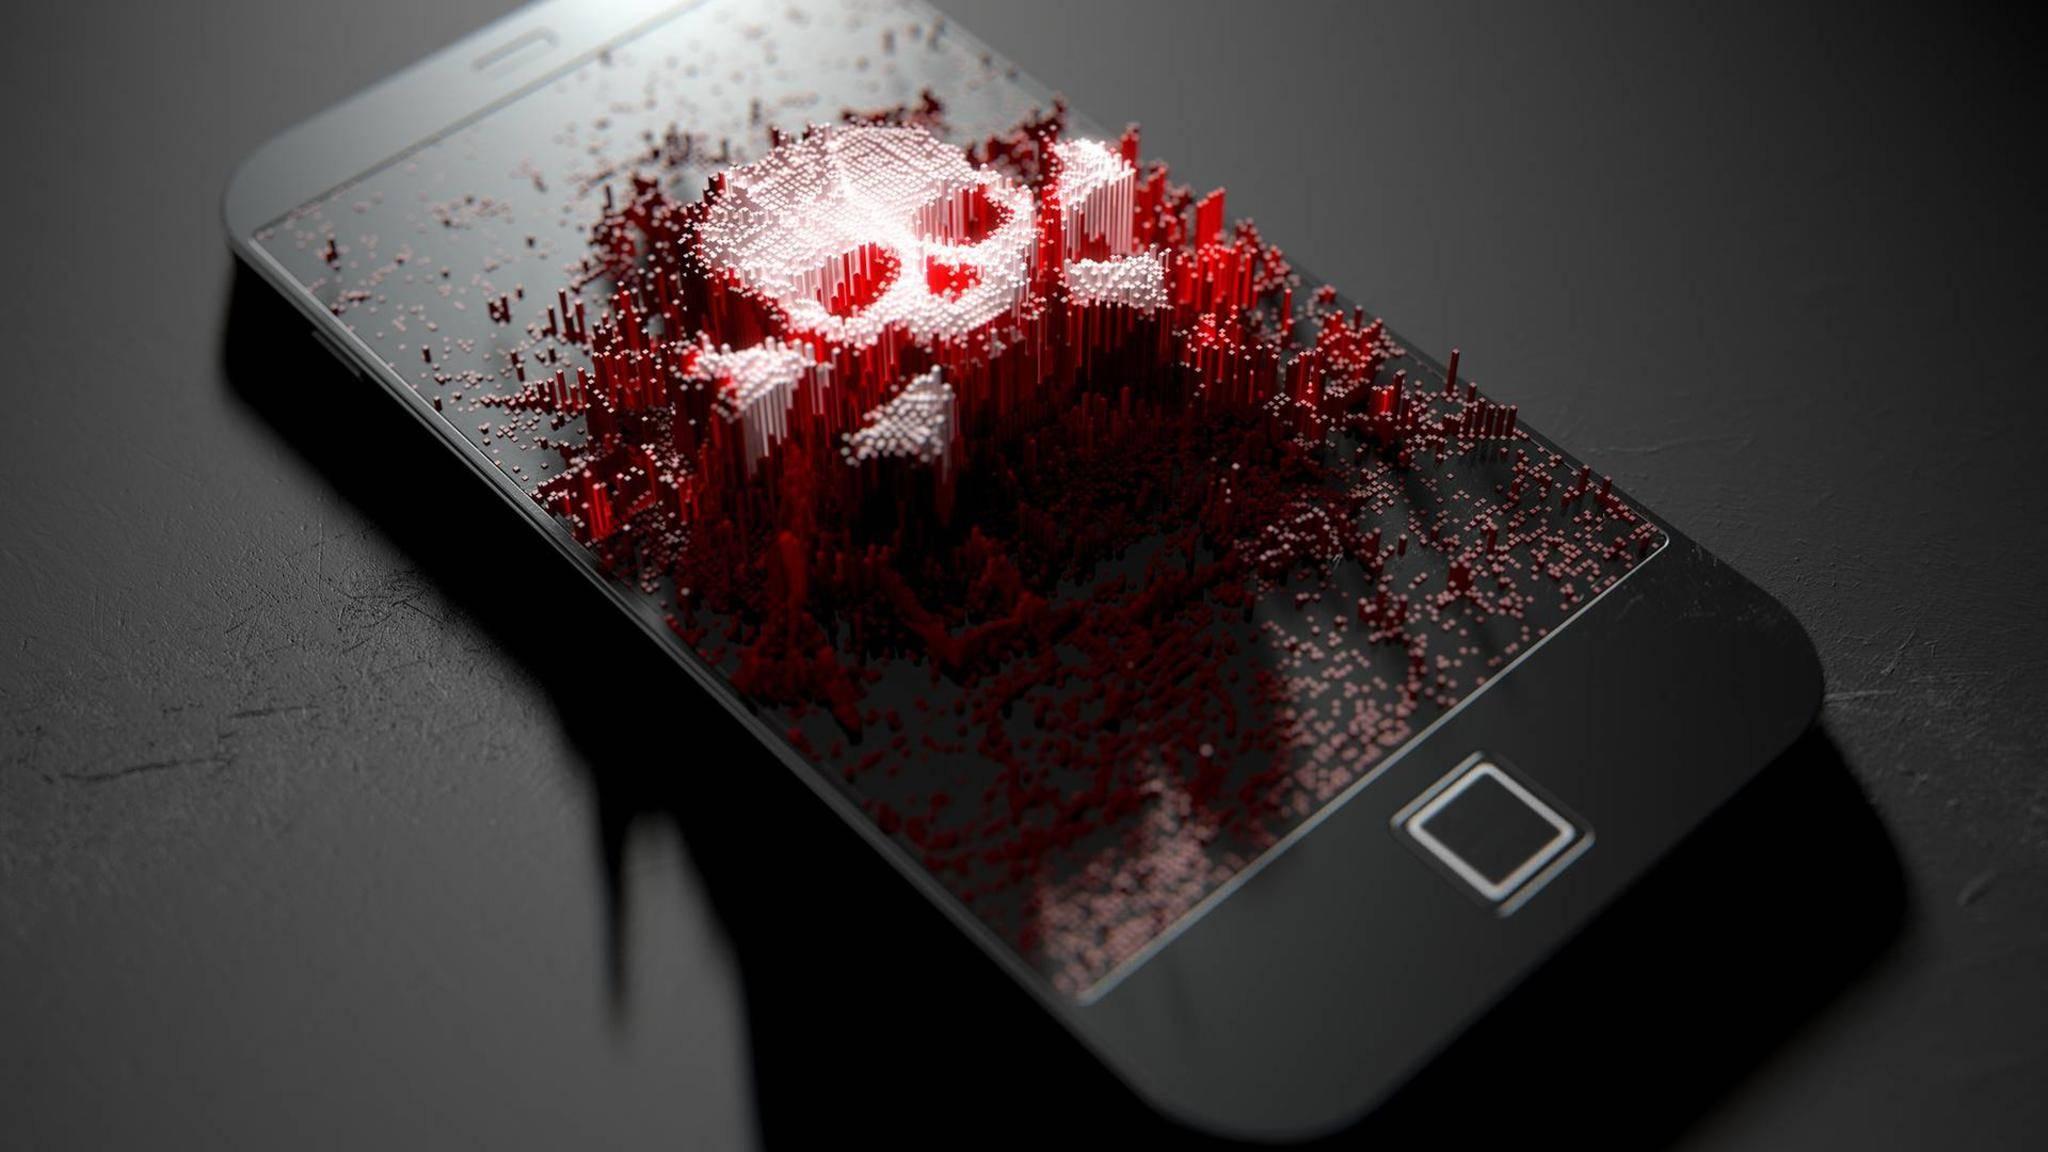 Im Netz kursiert mal wieder eine heimtückische Methode, um Smartphones zum Absturz zu bringen.